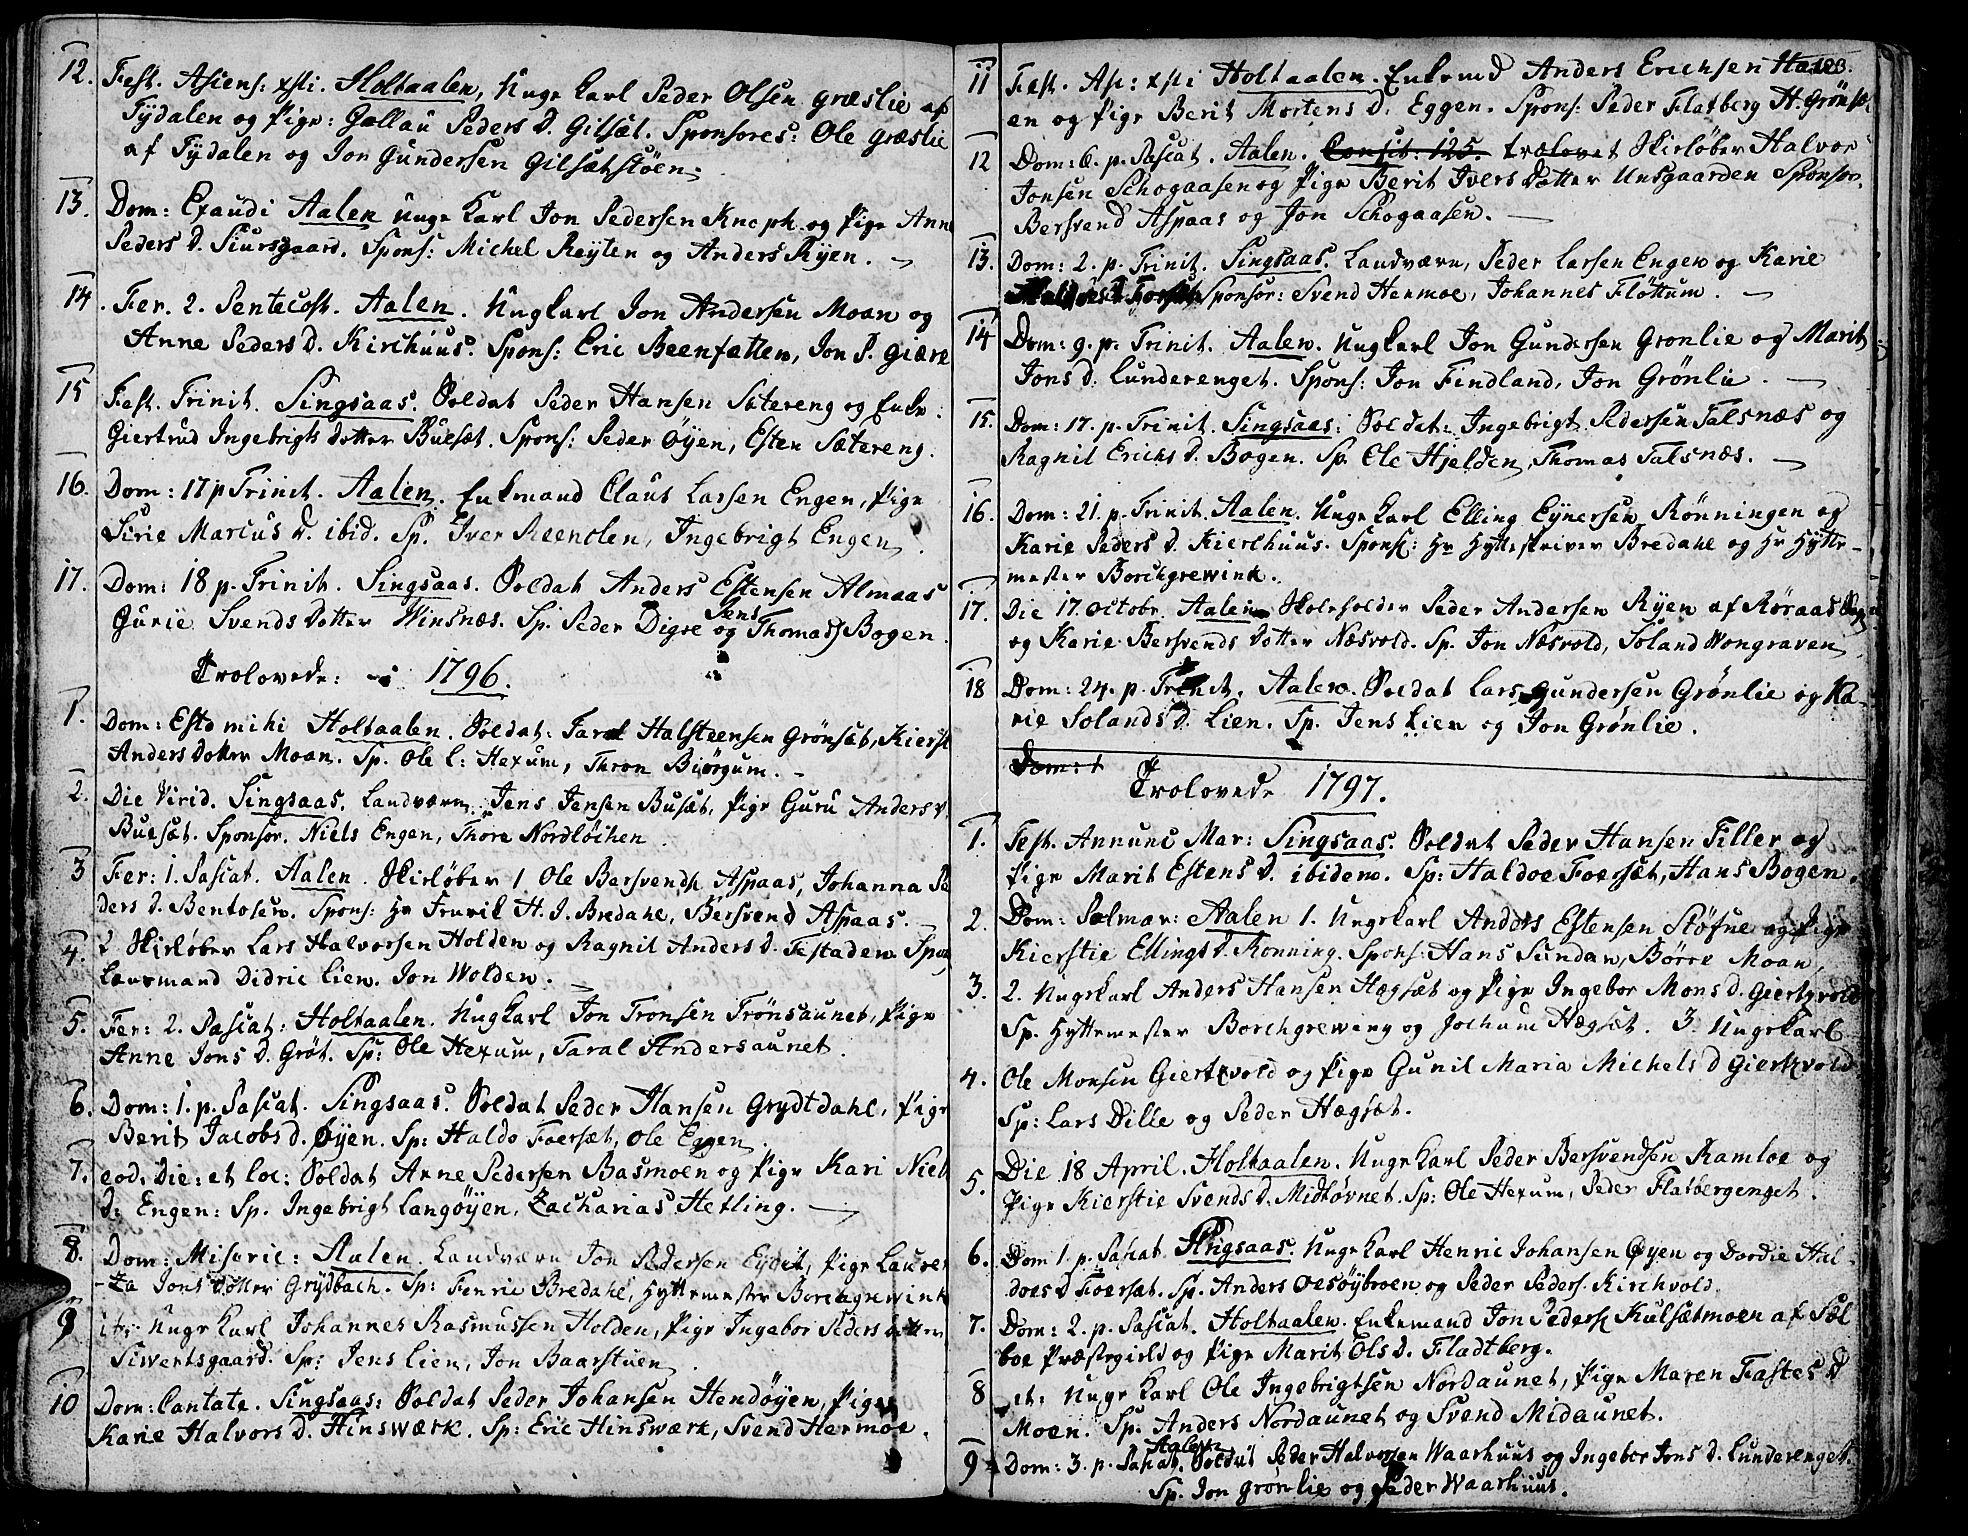 SAT, Ministerialprotokoller, klokkerbøker og fødselsregistre - Sør-Trøndelag, 685/L0952: Ministerialbok nr. 685A01, 1745-1804, s. 123